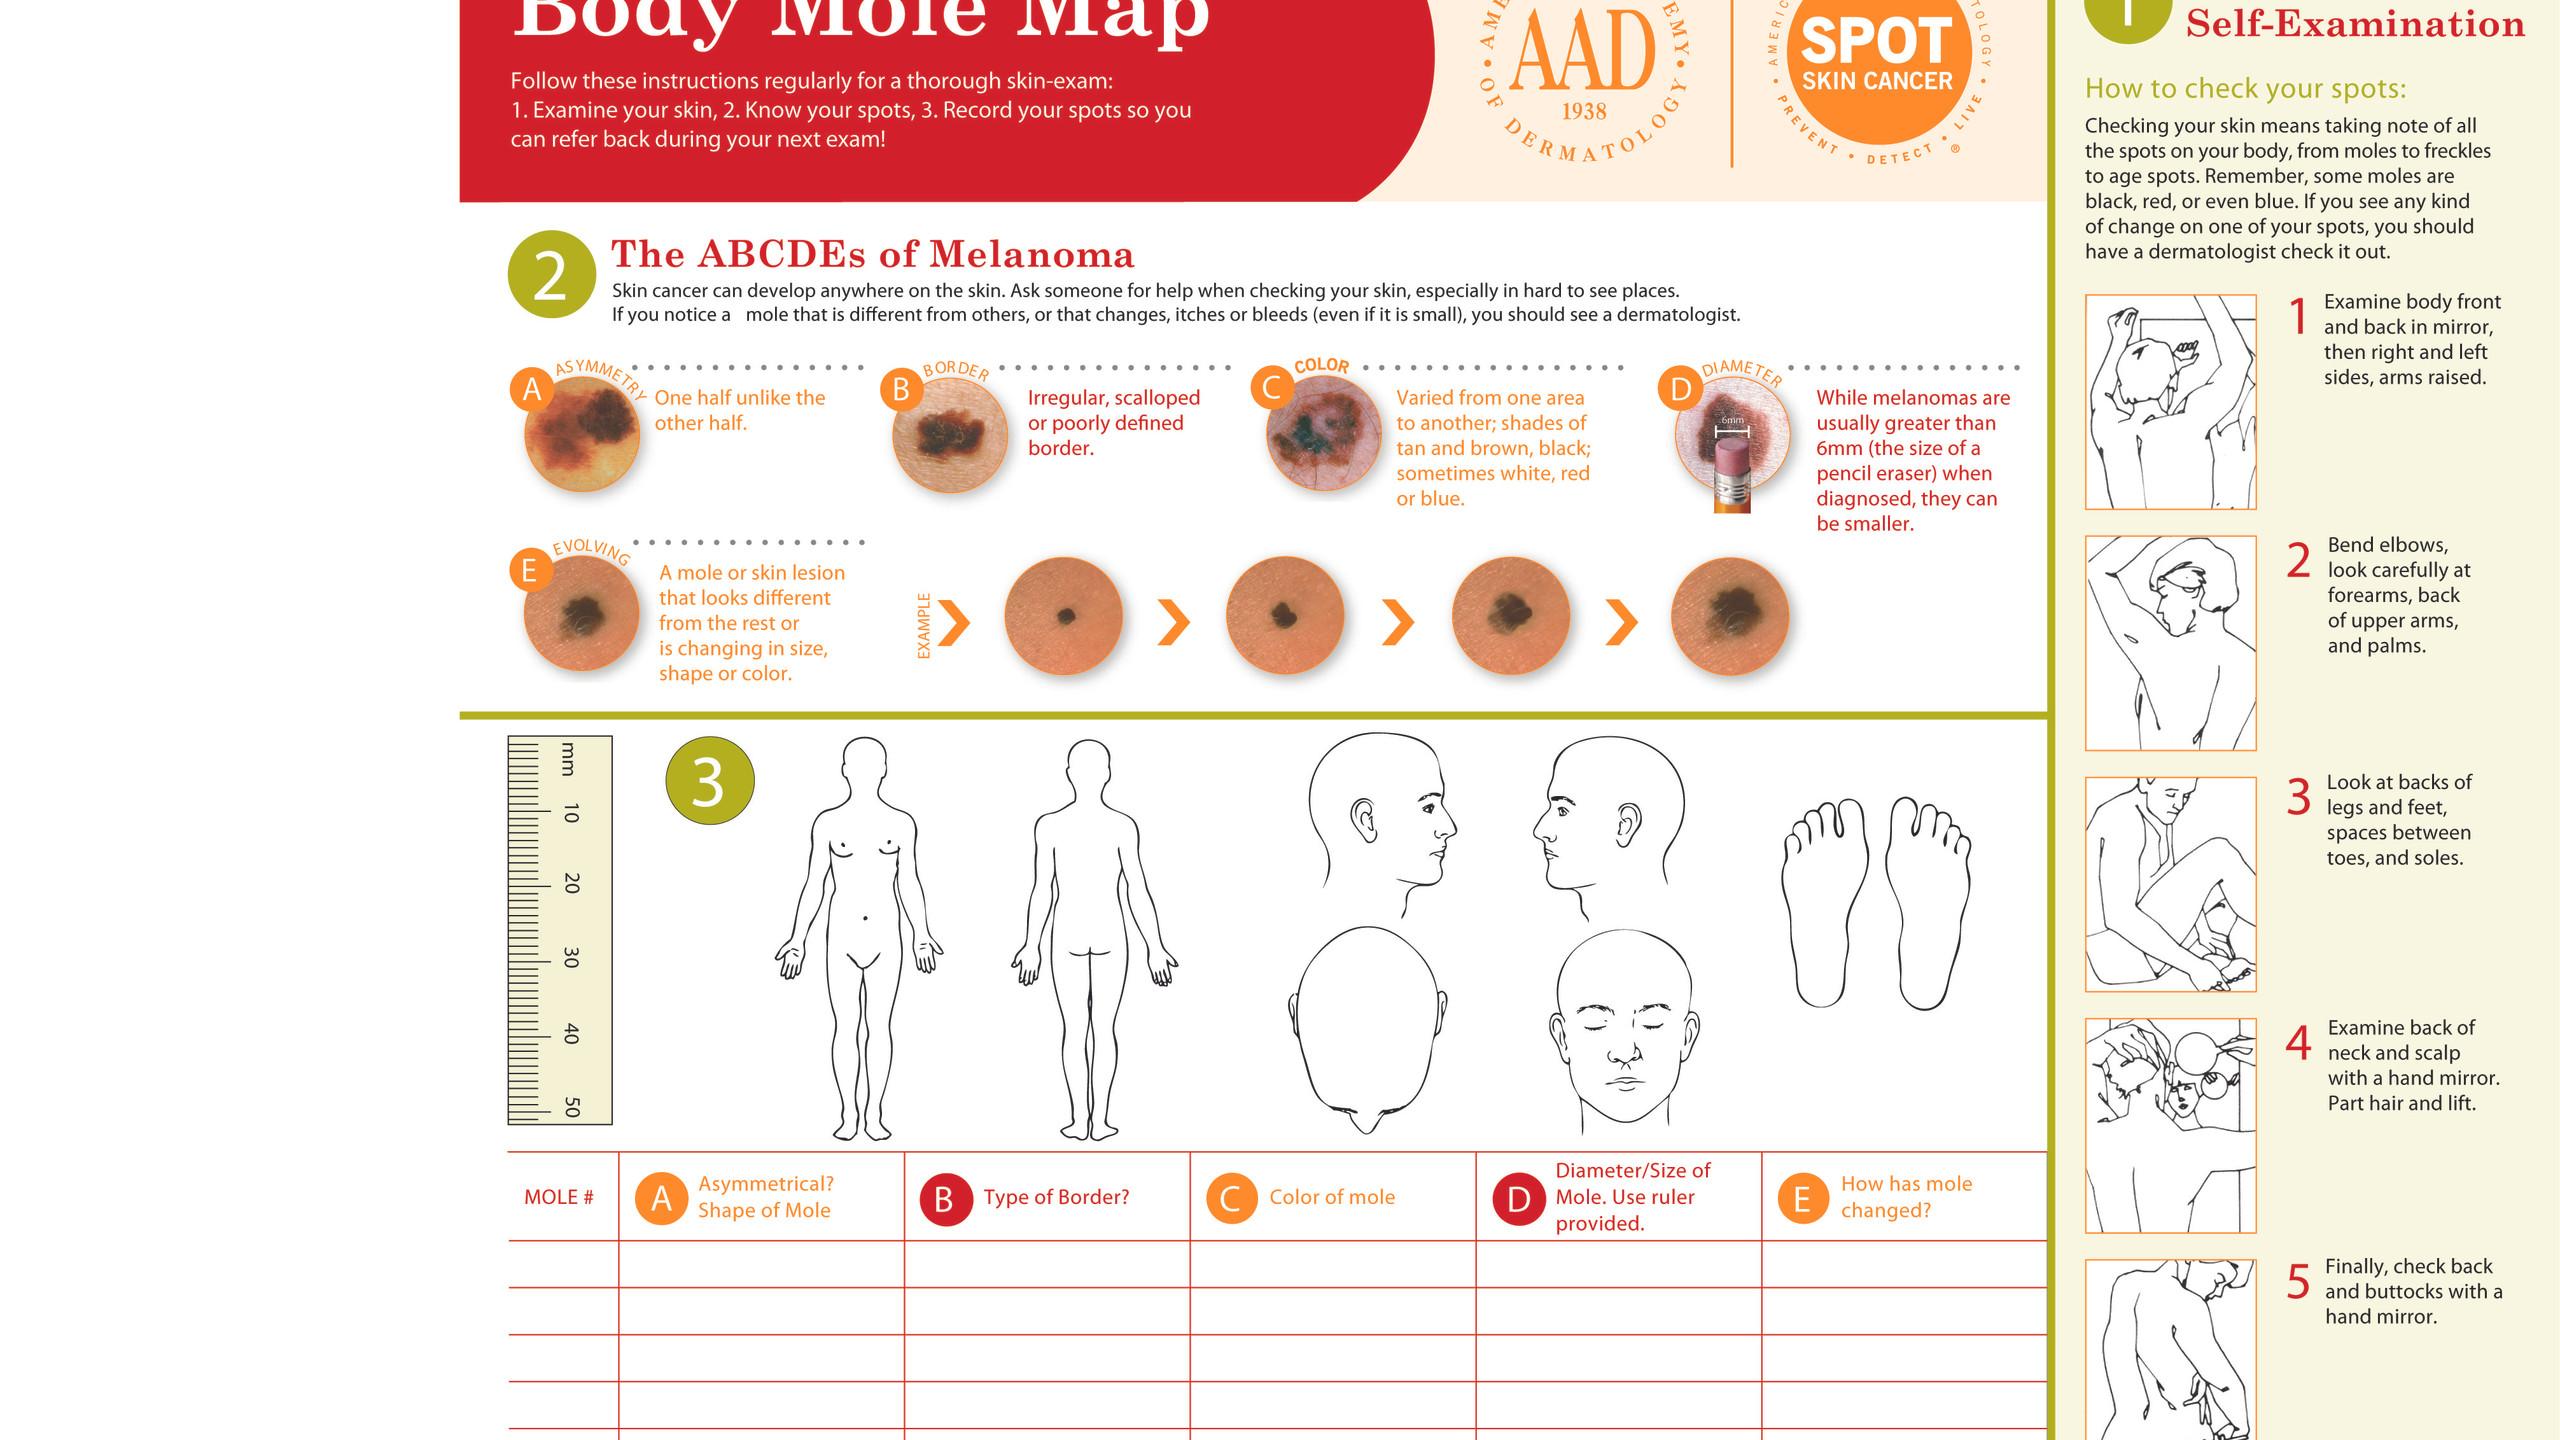 aad-body-mole-map